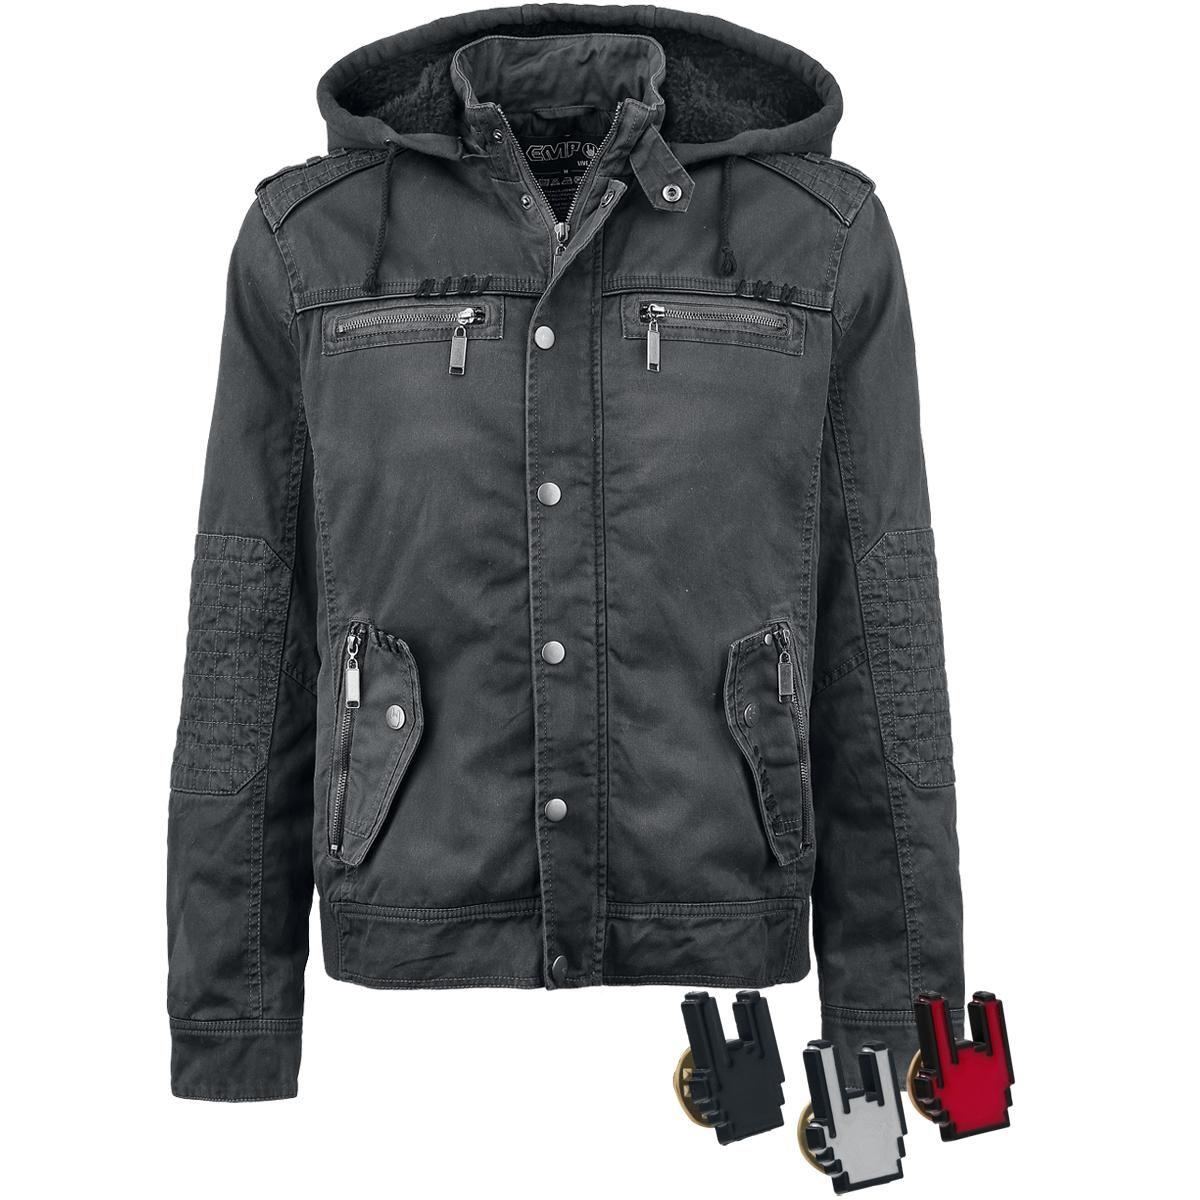 """EMP Black Premiumin komea """"Joey""""-takki. Takki suojatulla vetoketjulla, epoleteilla ja tikatuilla kyynärpaikoilla. Takki 100% puuvillaa, vuori ja täytteet 100% polyesteria. Huppu collegekangasta, 80% puuvillaa ja 20% polyesteria. Teddyvuori on 100% polyesteria."""